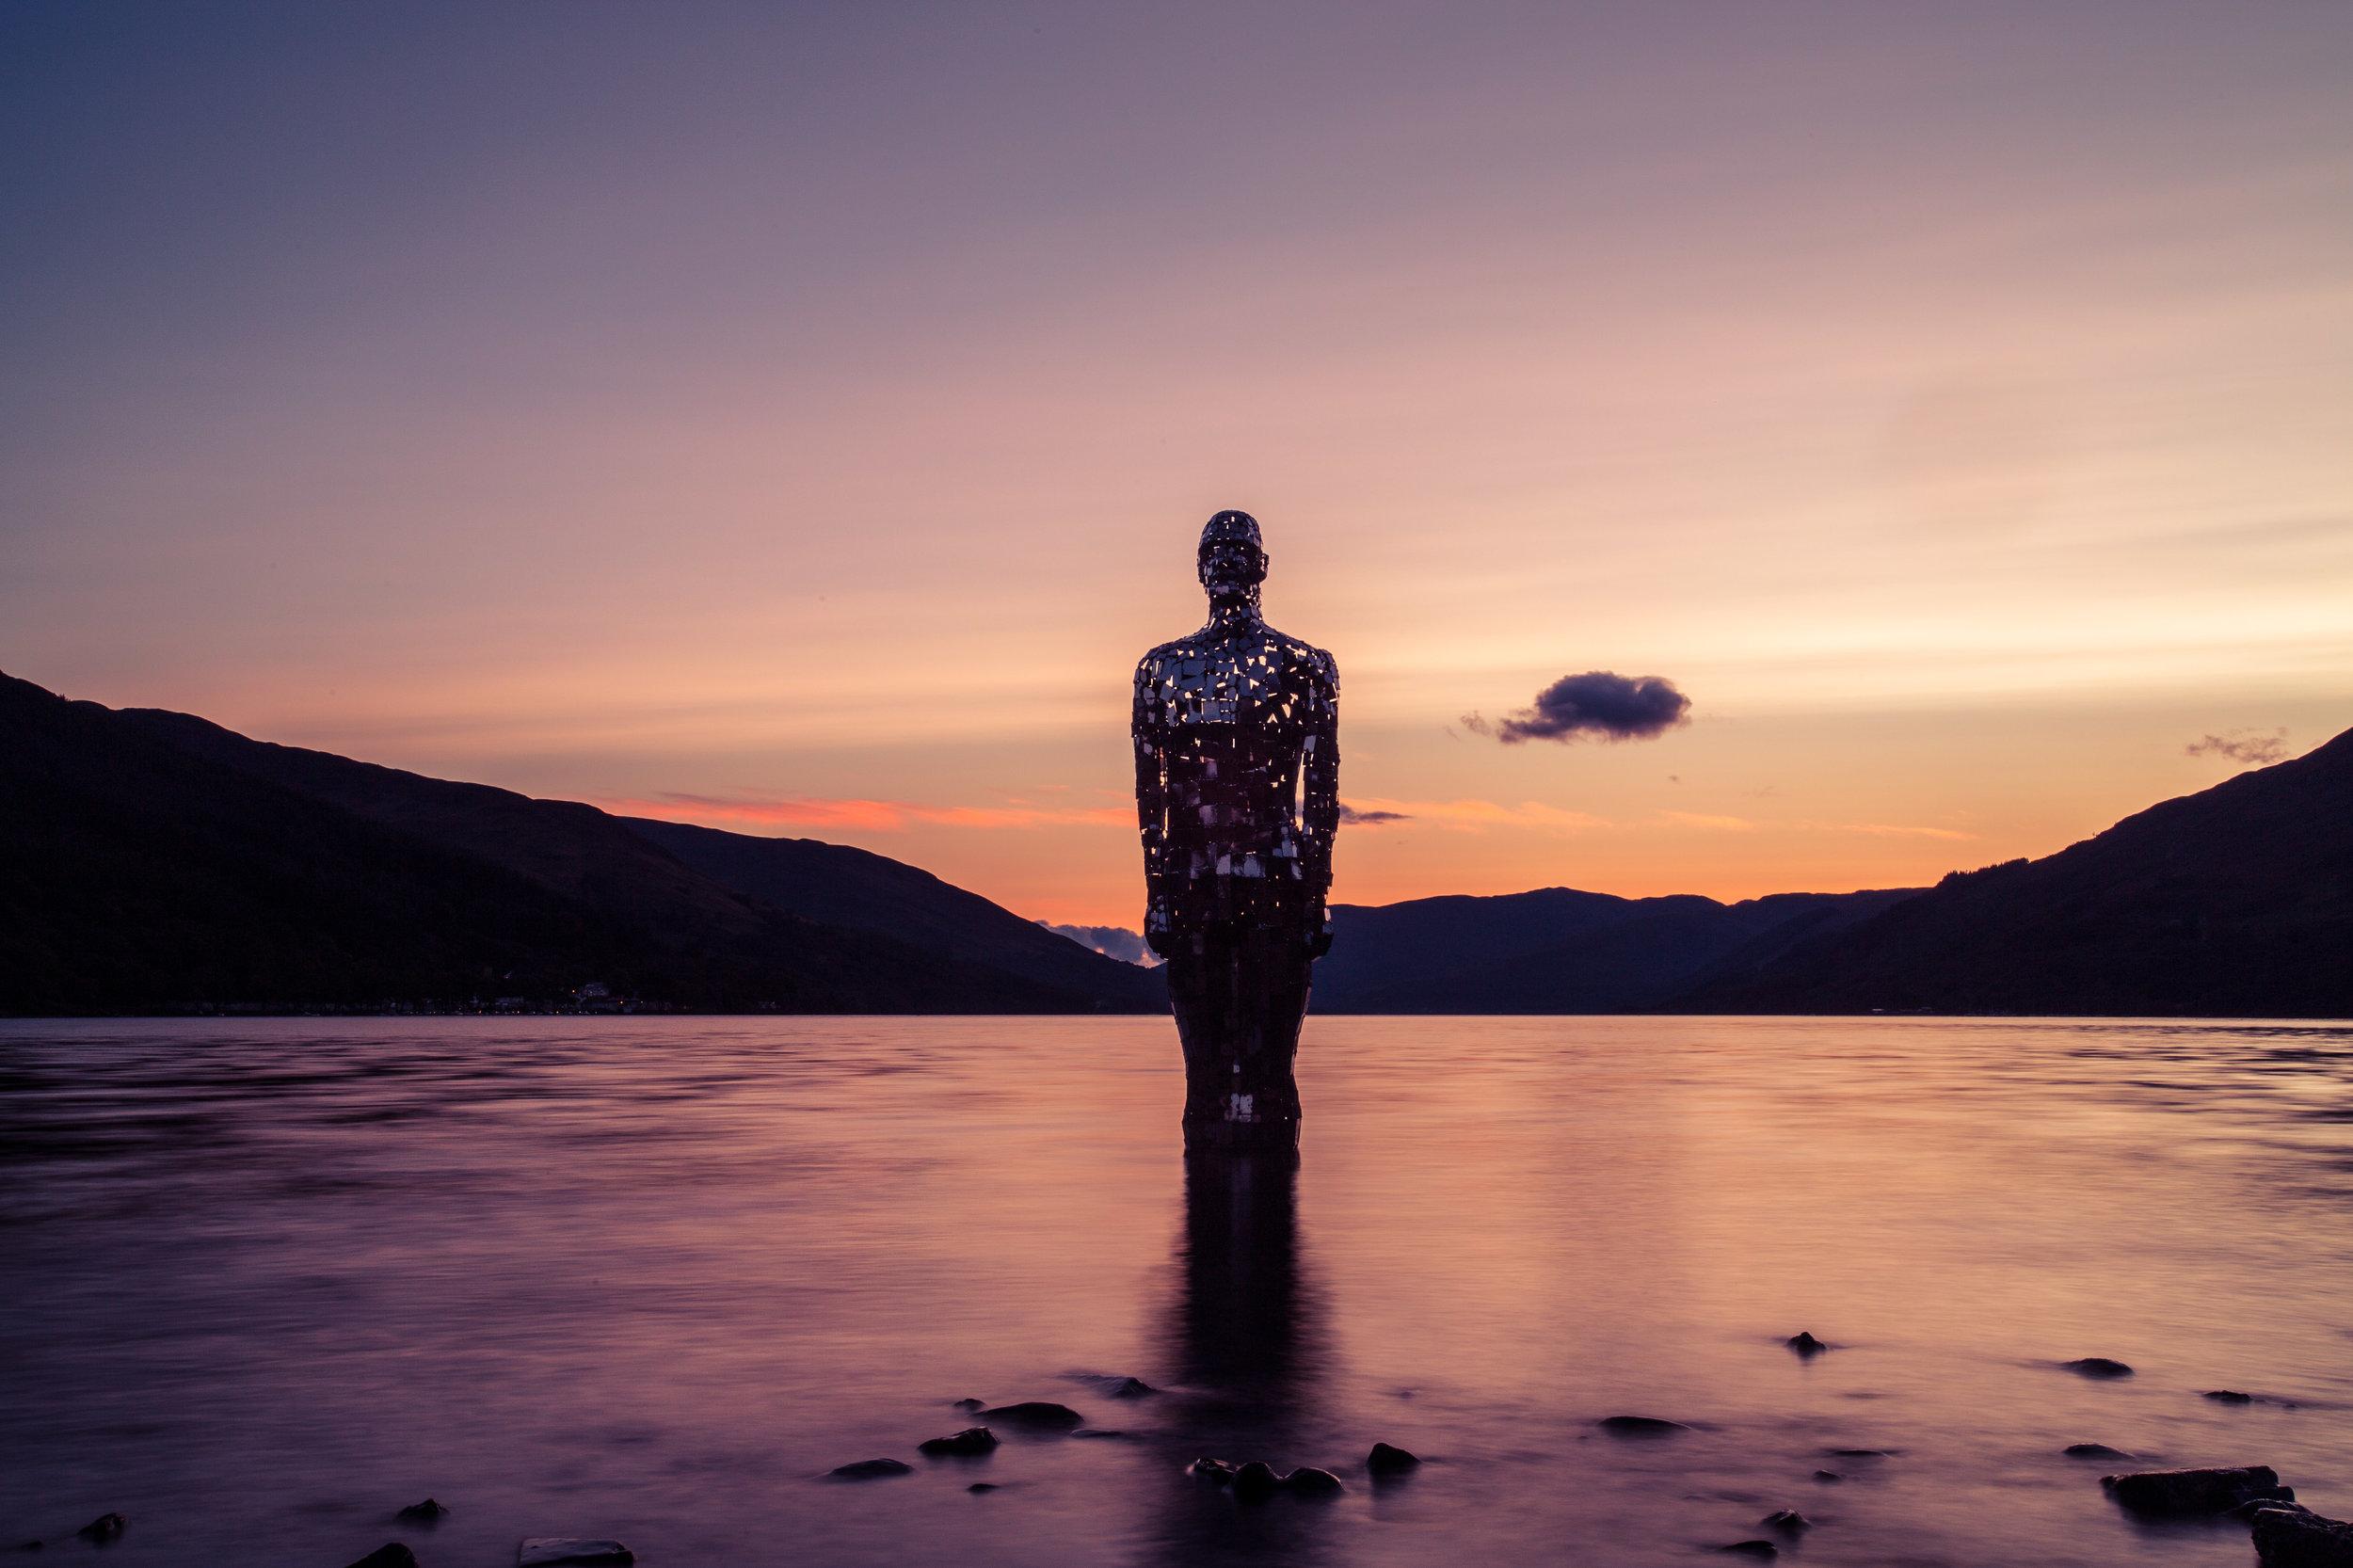 Still on Loch Earn